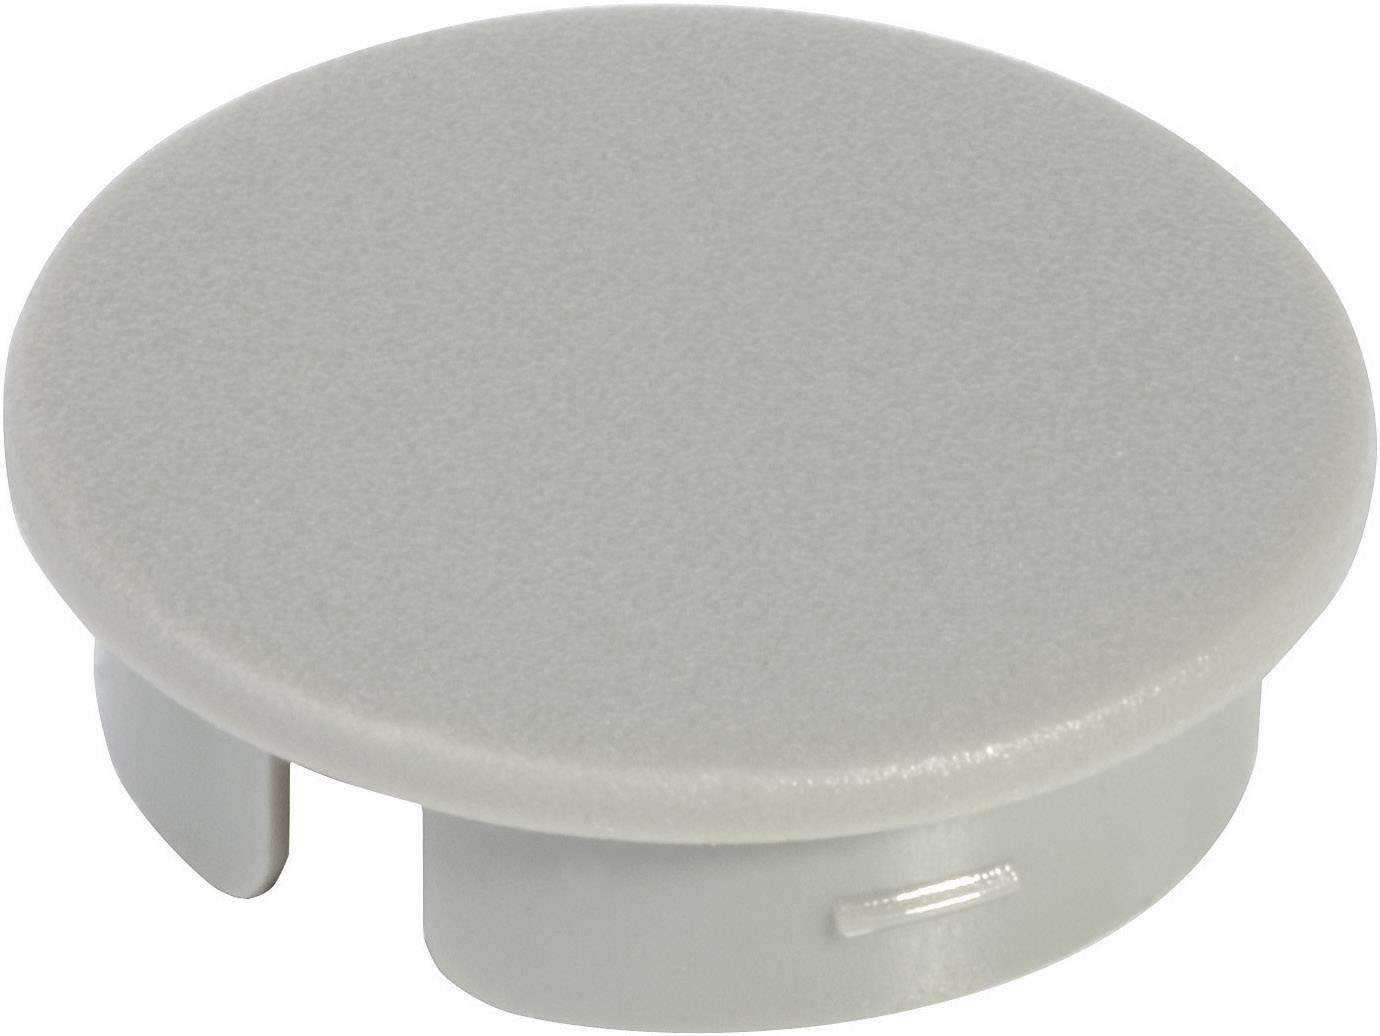 Krytka na otočný knoflík s ukazatelem OKW, pro knoflíky/O 13,5 mm, šedá